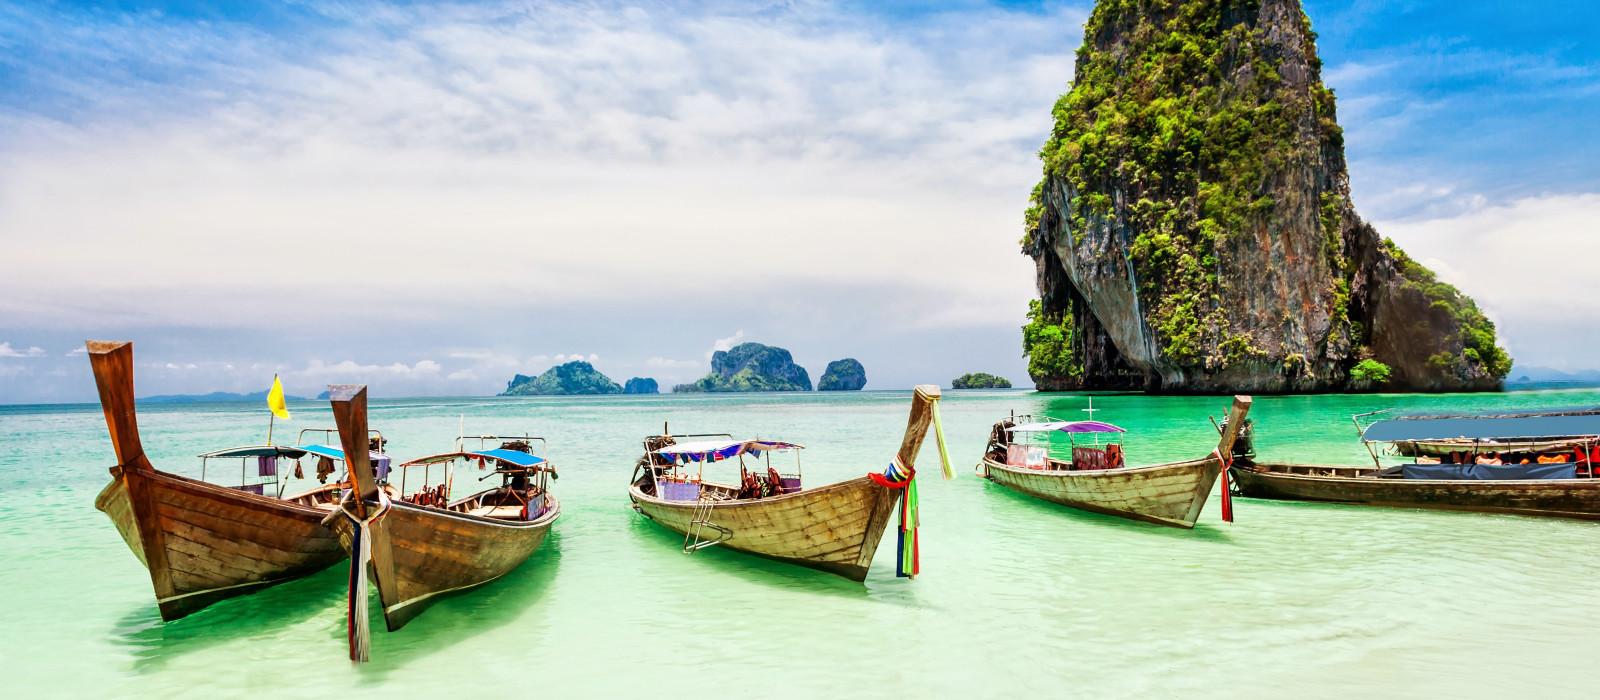 Hotel Katathani Phuket Beach Resort Thailand